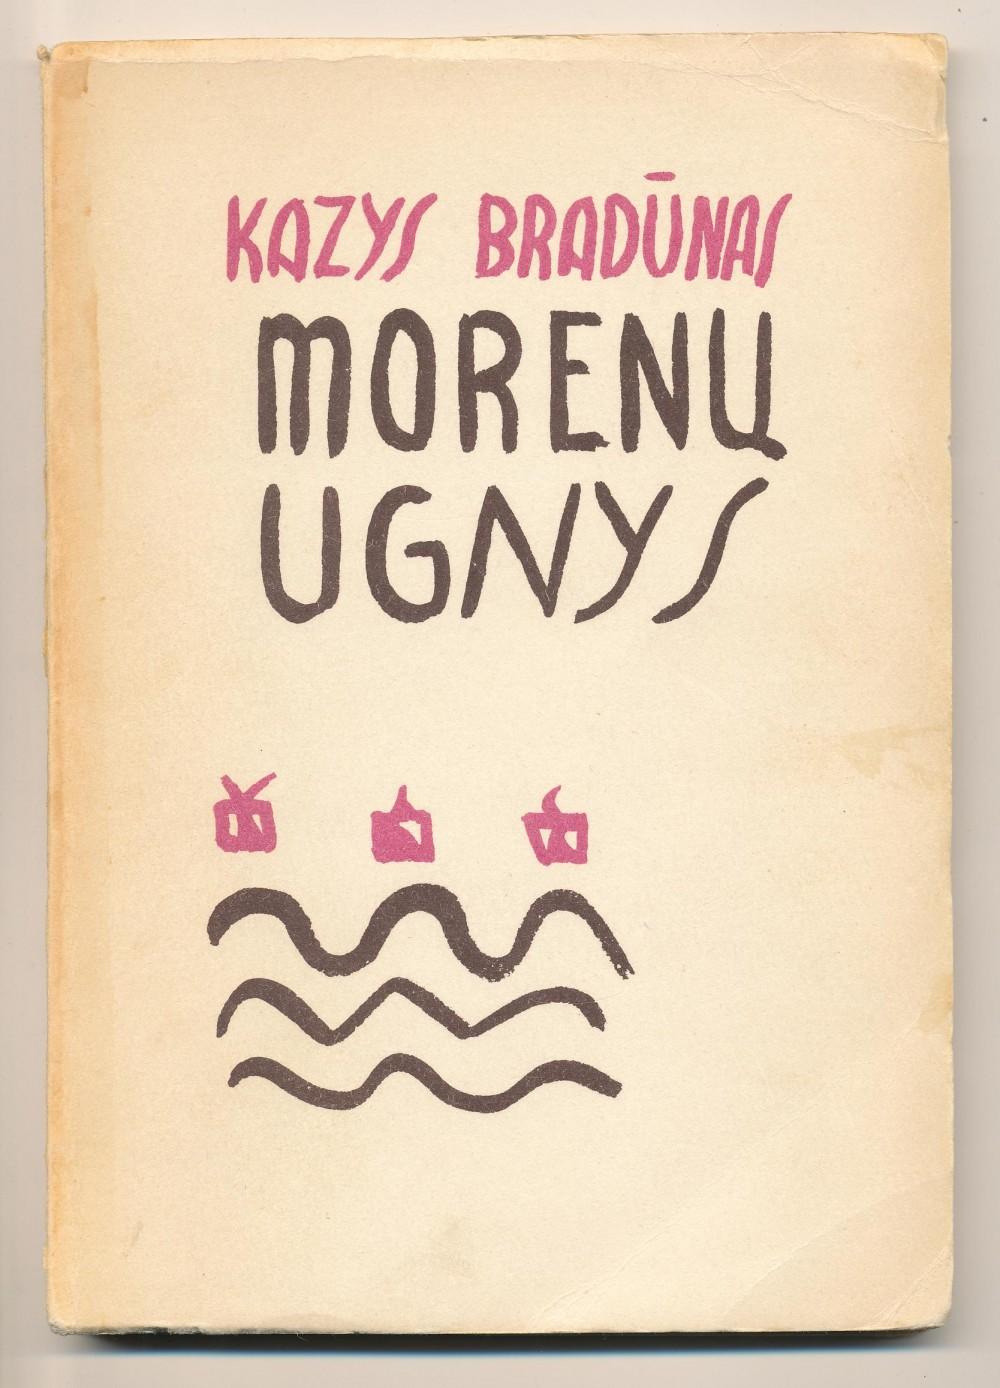 """Knyga išleista """"Literatūros lankų"""" (1958), už kurią K. Bradūnas buvo apdovanotas LRD premija. Dailininkas V. Petravičius"""